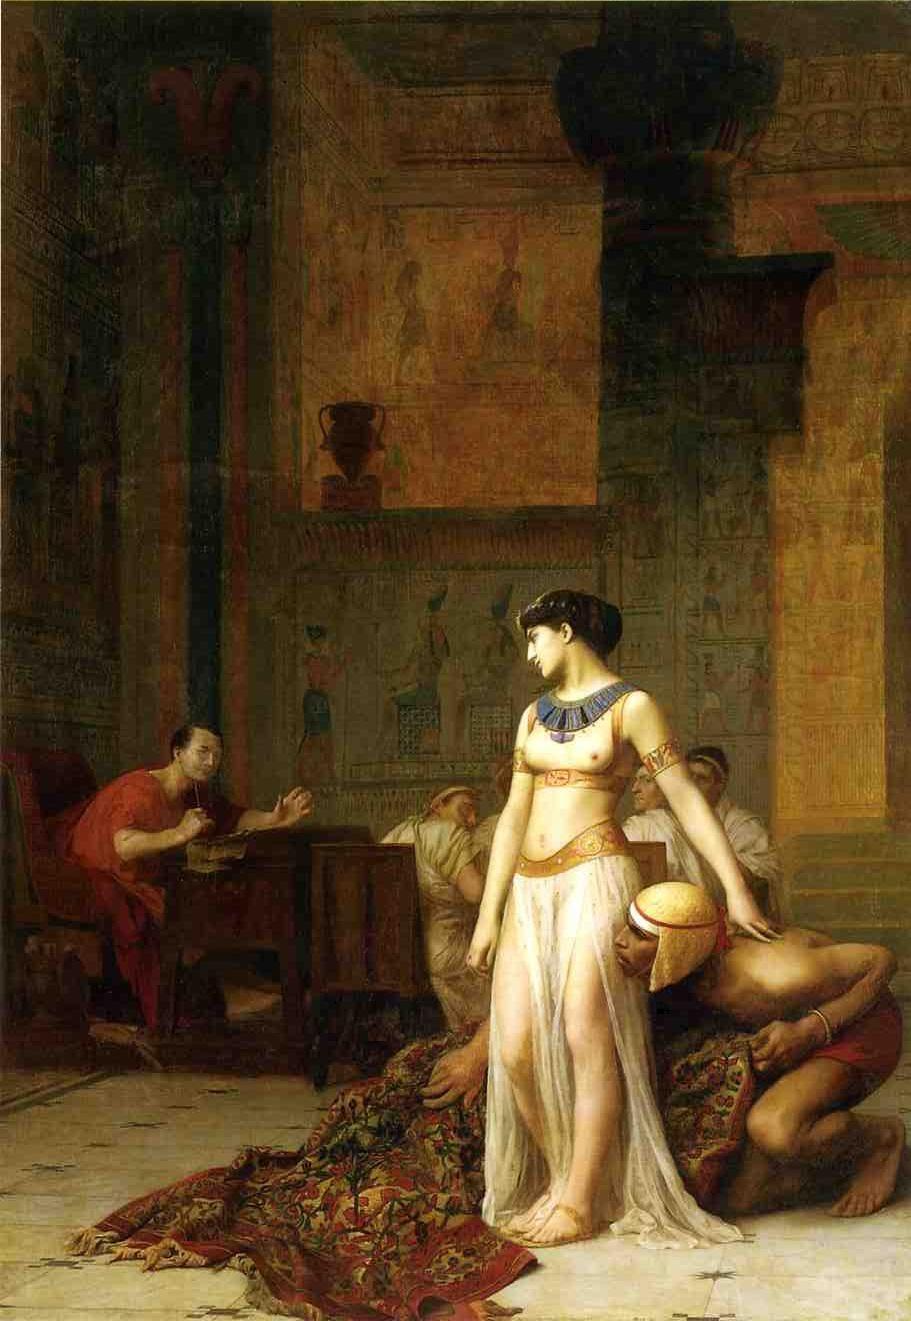 фото 1 Клеопатра и Цезарь_ картина Жана-Леона Жерома.jpg